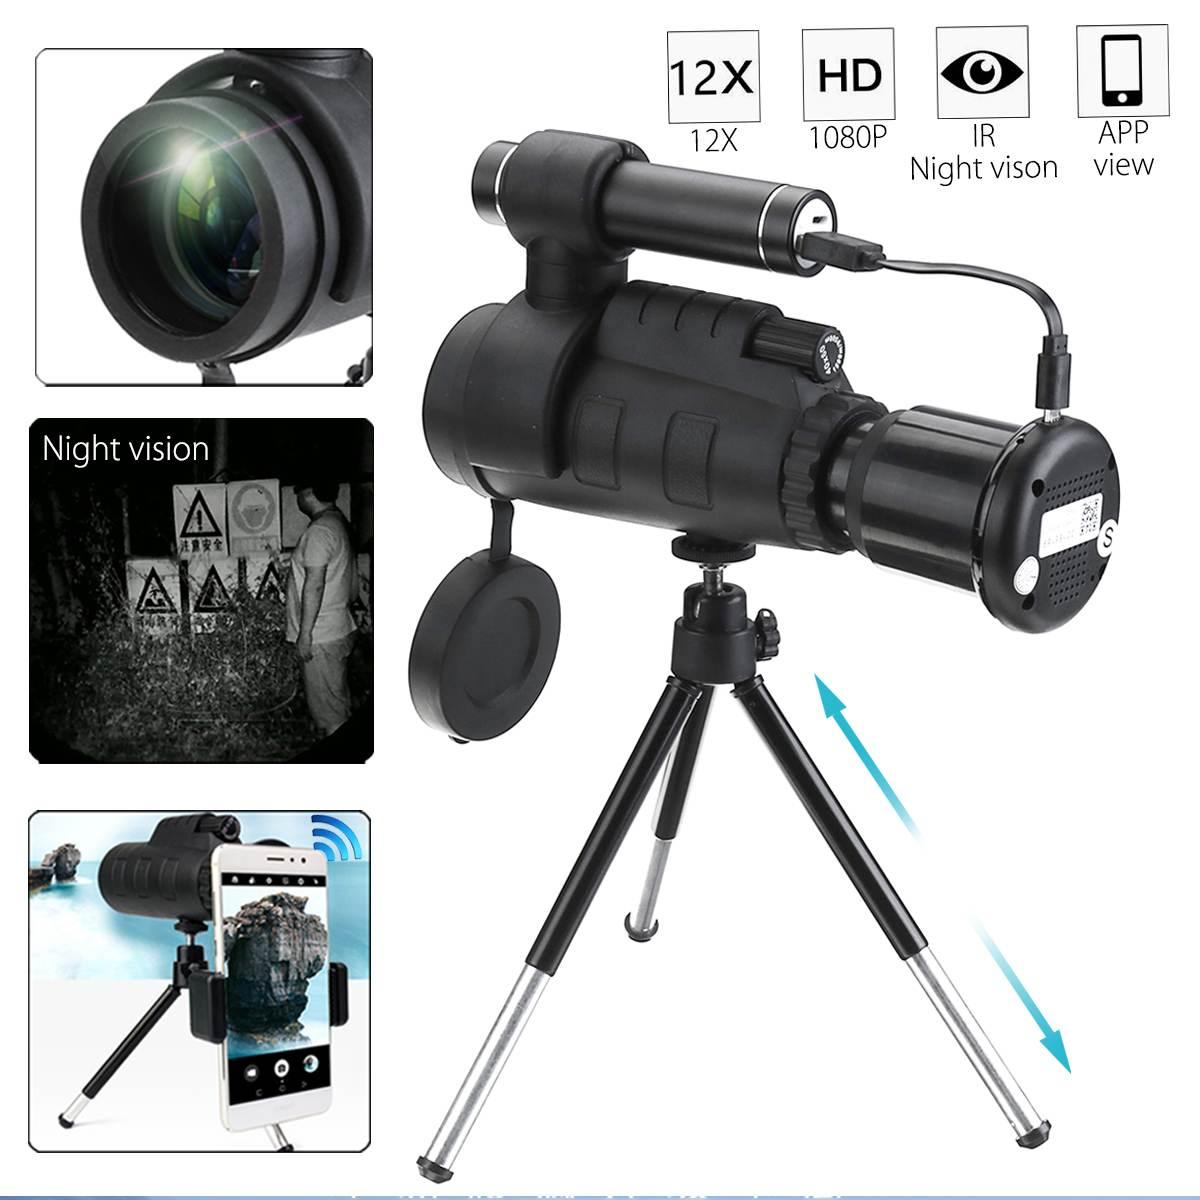 40x60 WIFI ИК инфракрасное ночное видение монокулярный телескоп HD оптический объектив для смартфона для охоты на открытом воздухе + штатив держатель для телефона|Объективы для мобильных телефонов|   | АлиЭкспресс